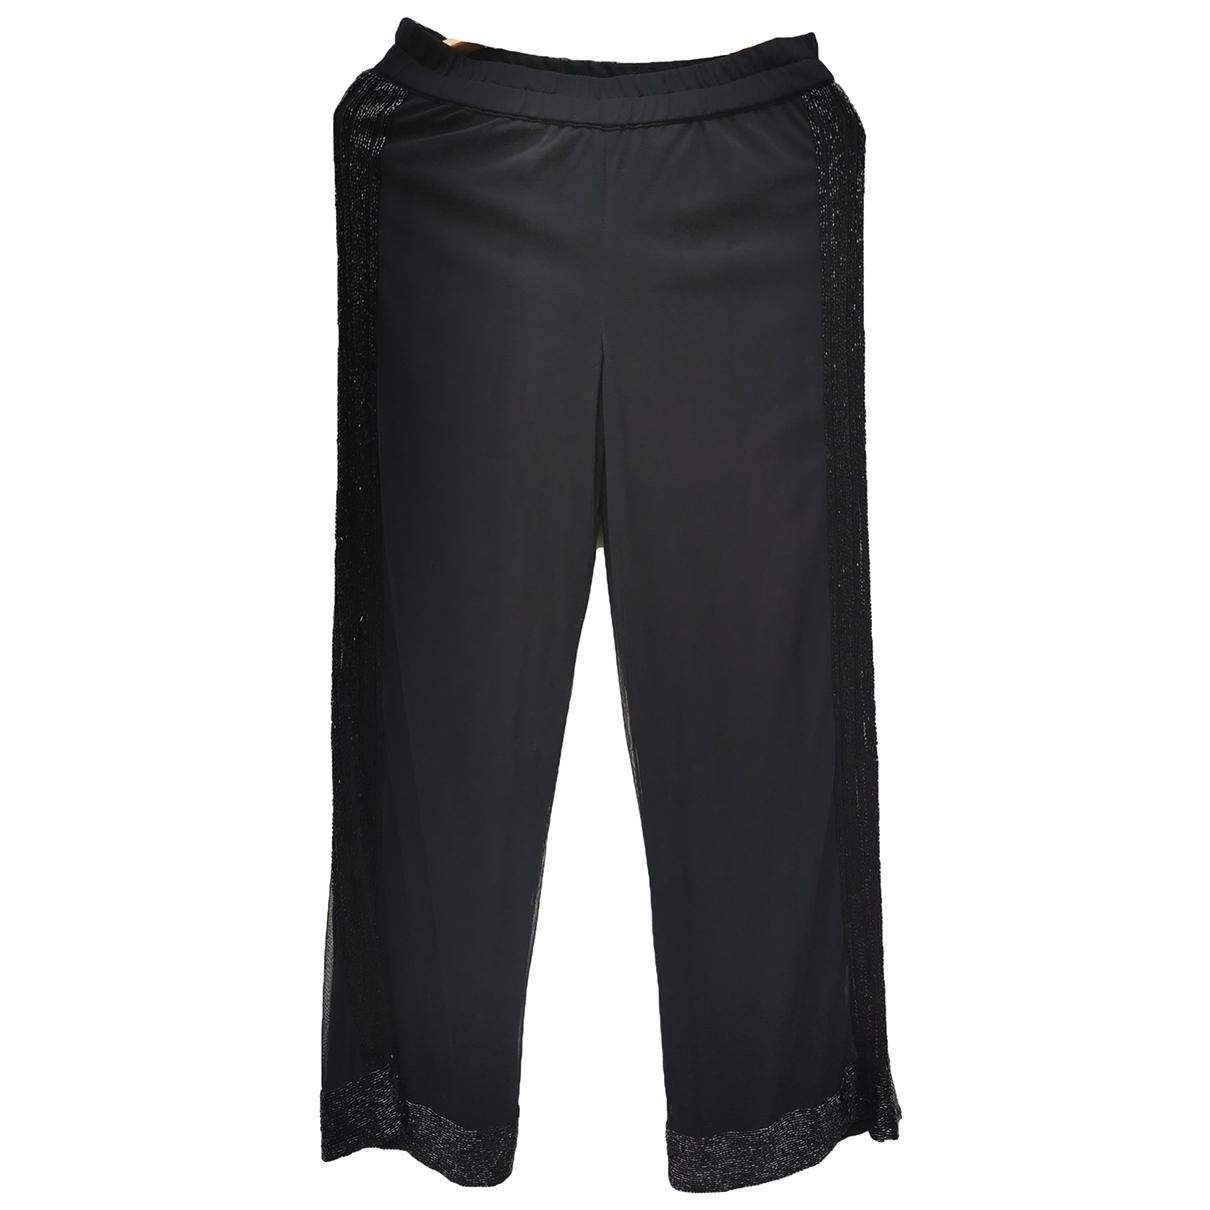 Ganni Spring Summer 2019 Black Trousers for Women S International